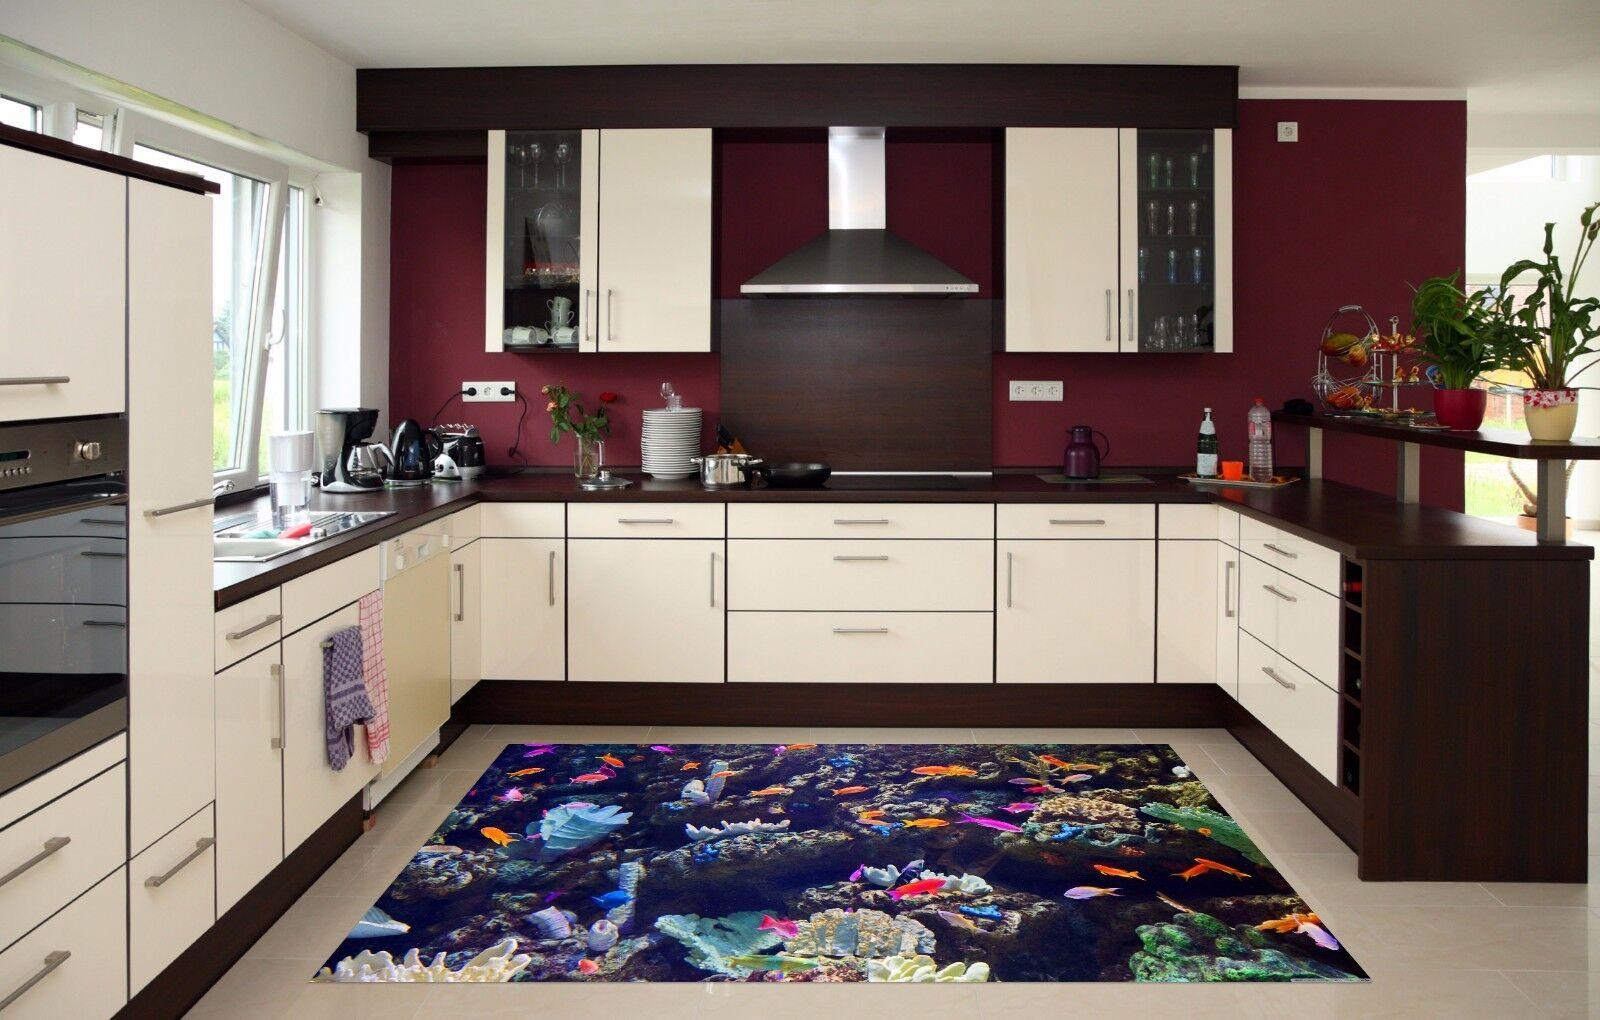 3D Farbeed Fish 9 Kitchen Mat Floor Murals Wall Print Wall AJ WALLPAPER AU Carly